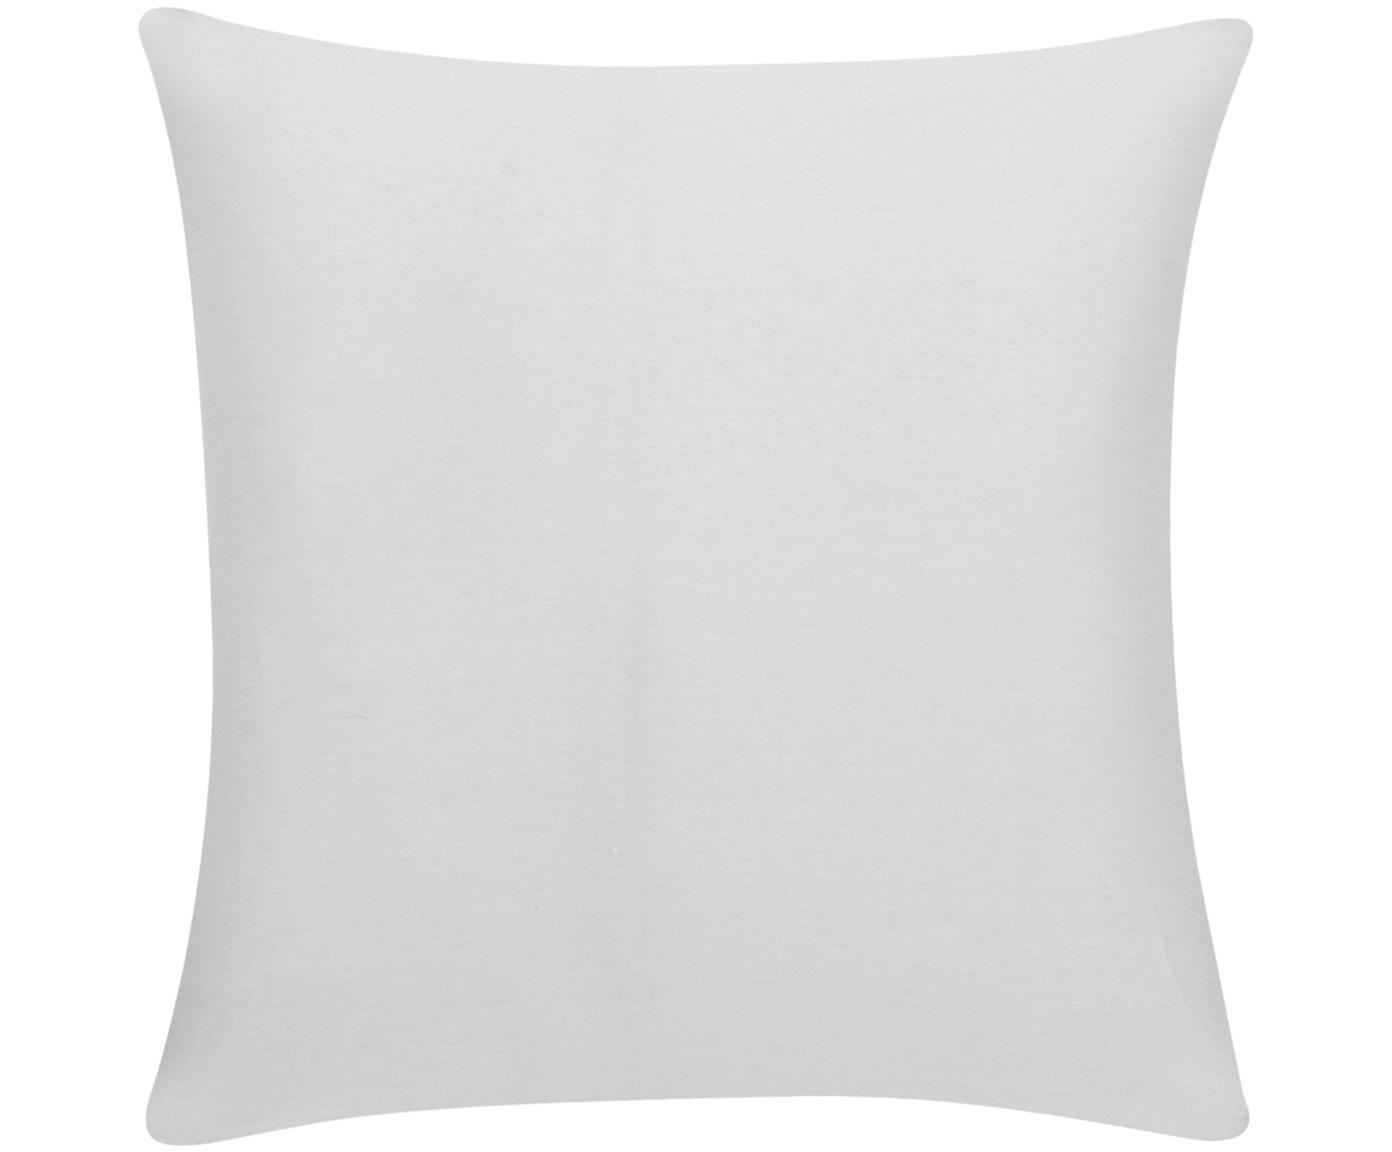 Poszewka na poduszkę z bawełny Mads, 100% bawełna, Jasny szary, S 40 x D 40 cm